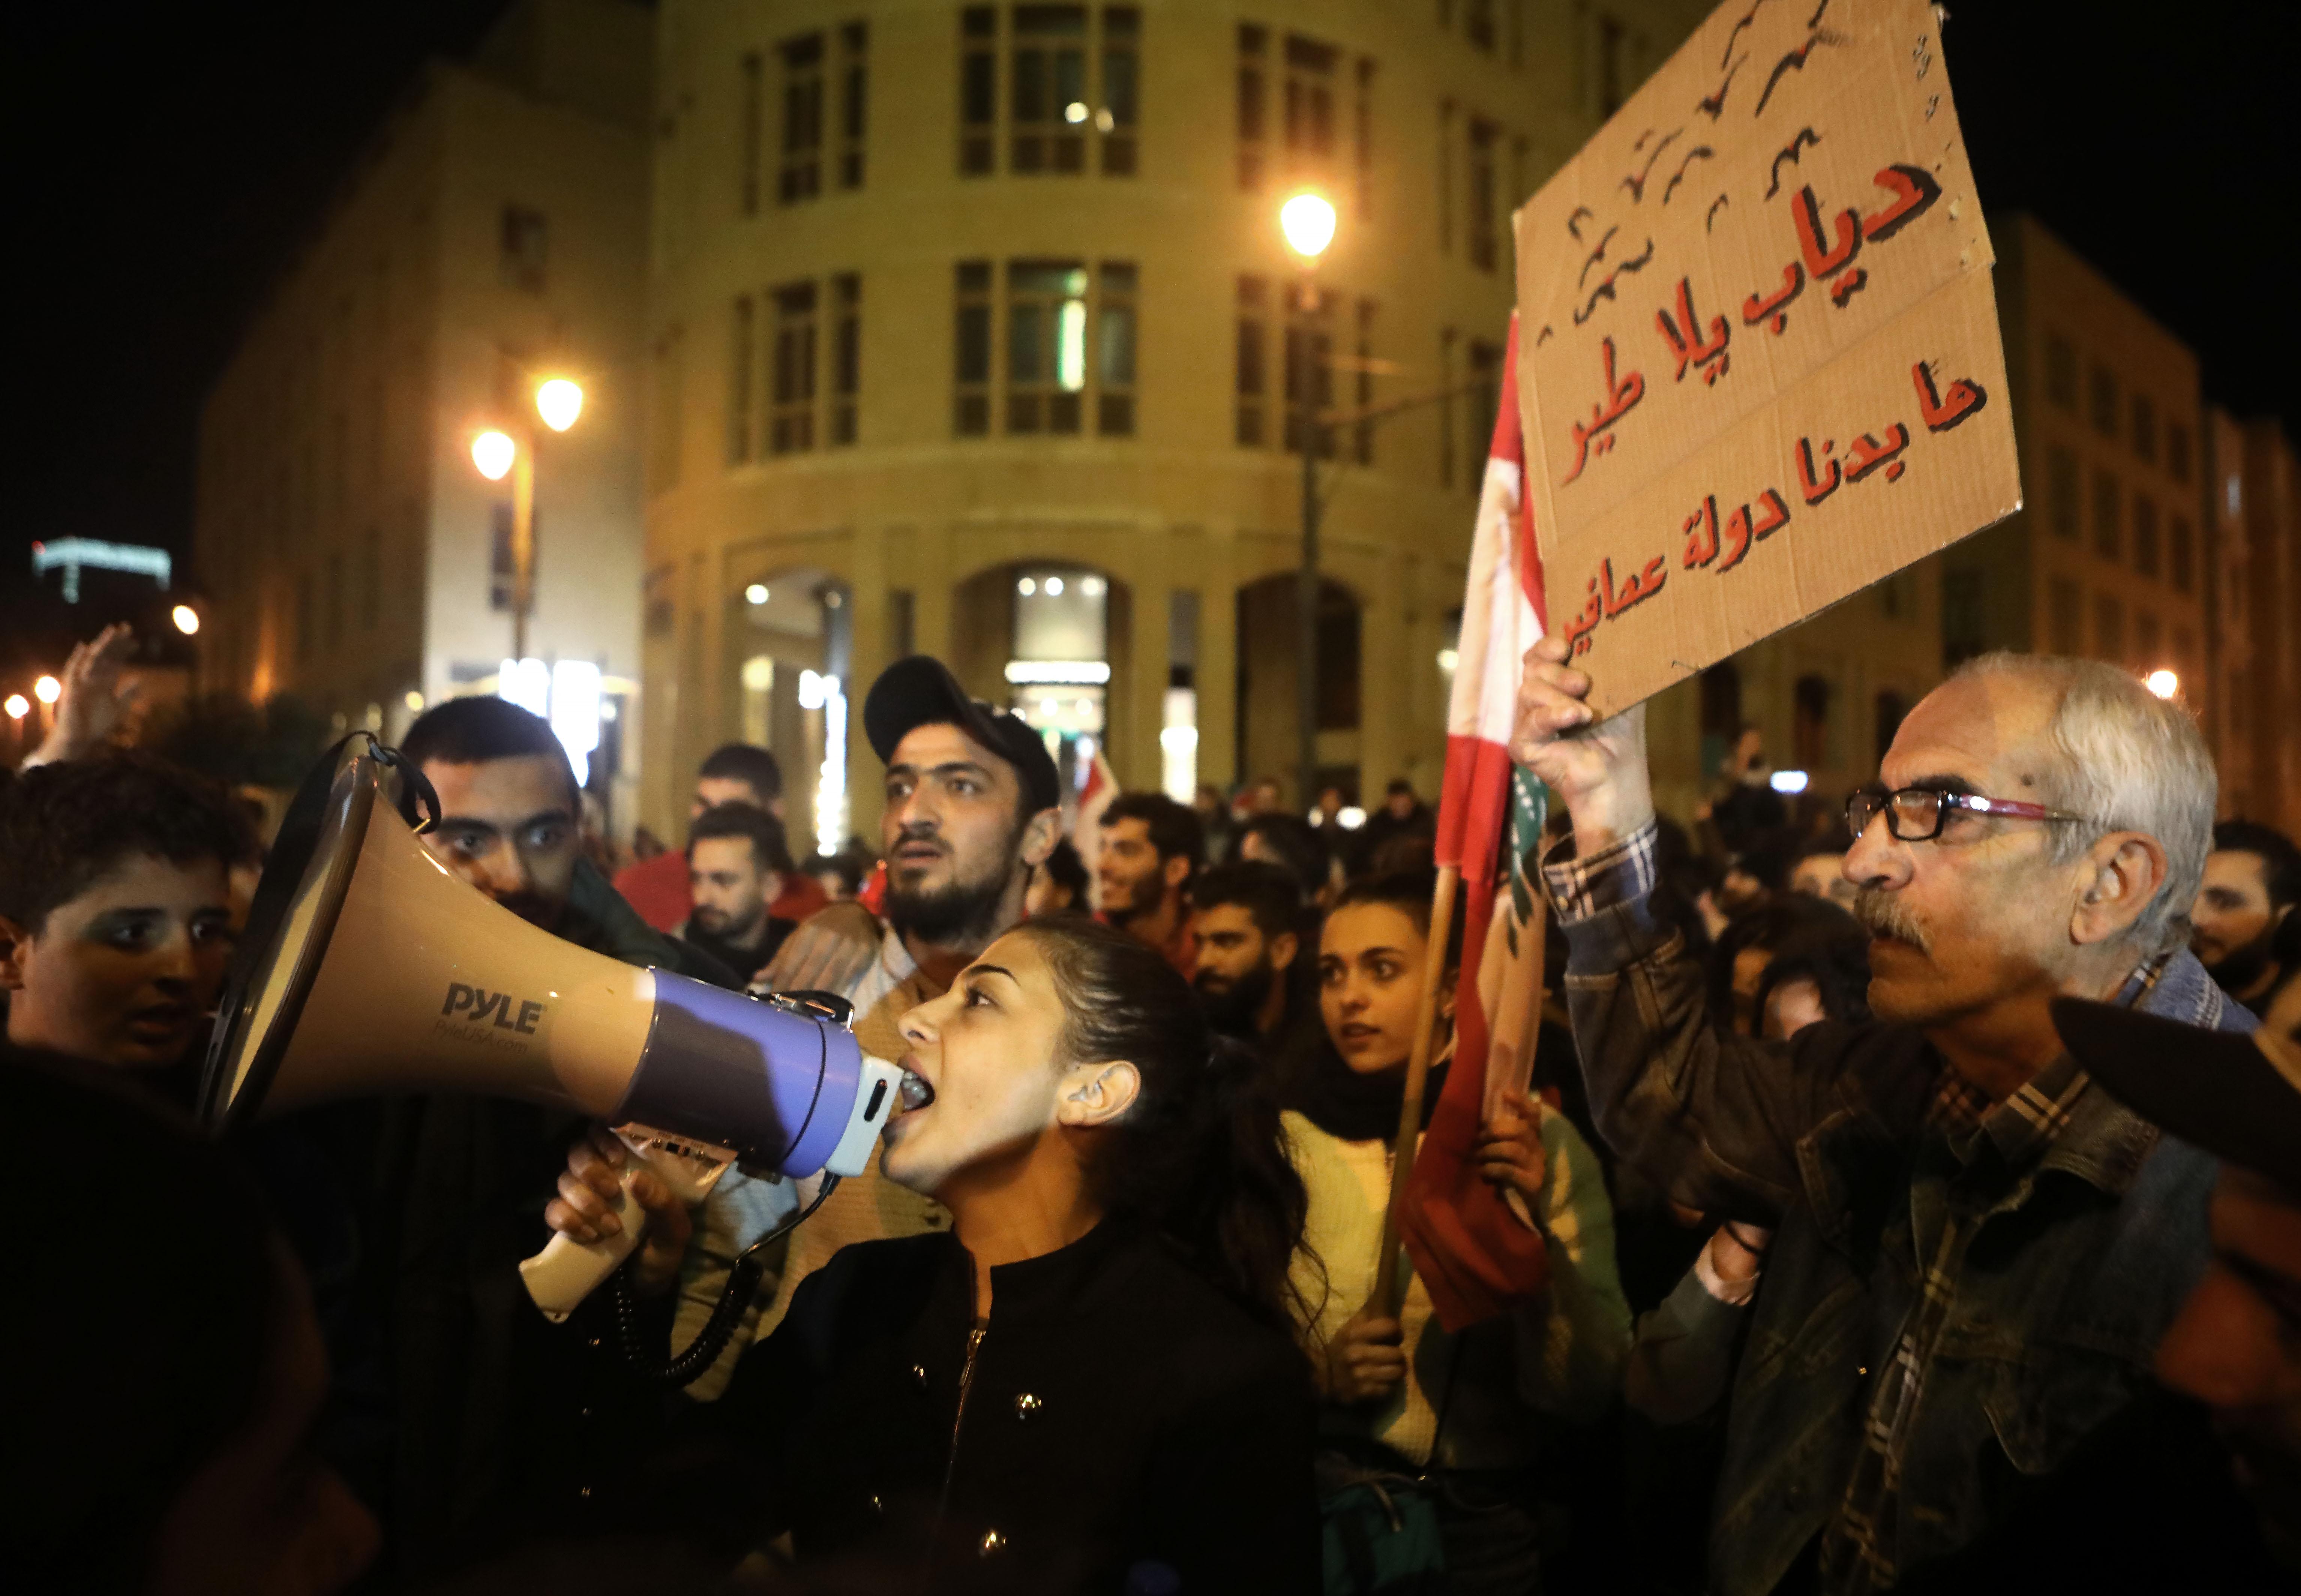 Les manifestants ne sont pas convaincus par la nomination d'Hassan Diab au poste de Premier ministre.